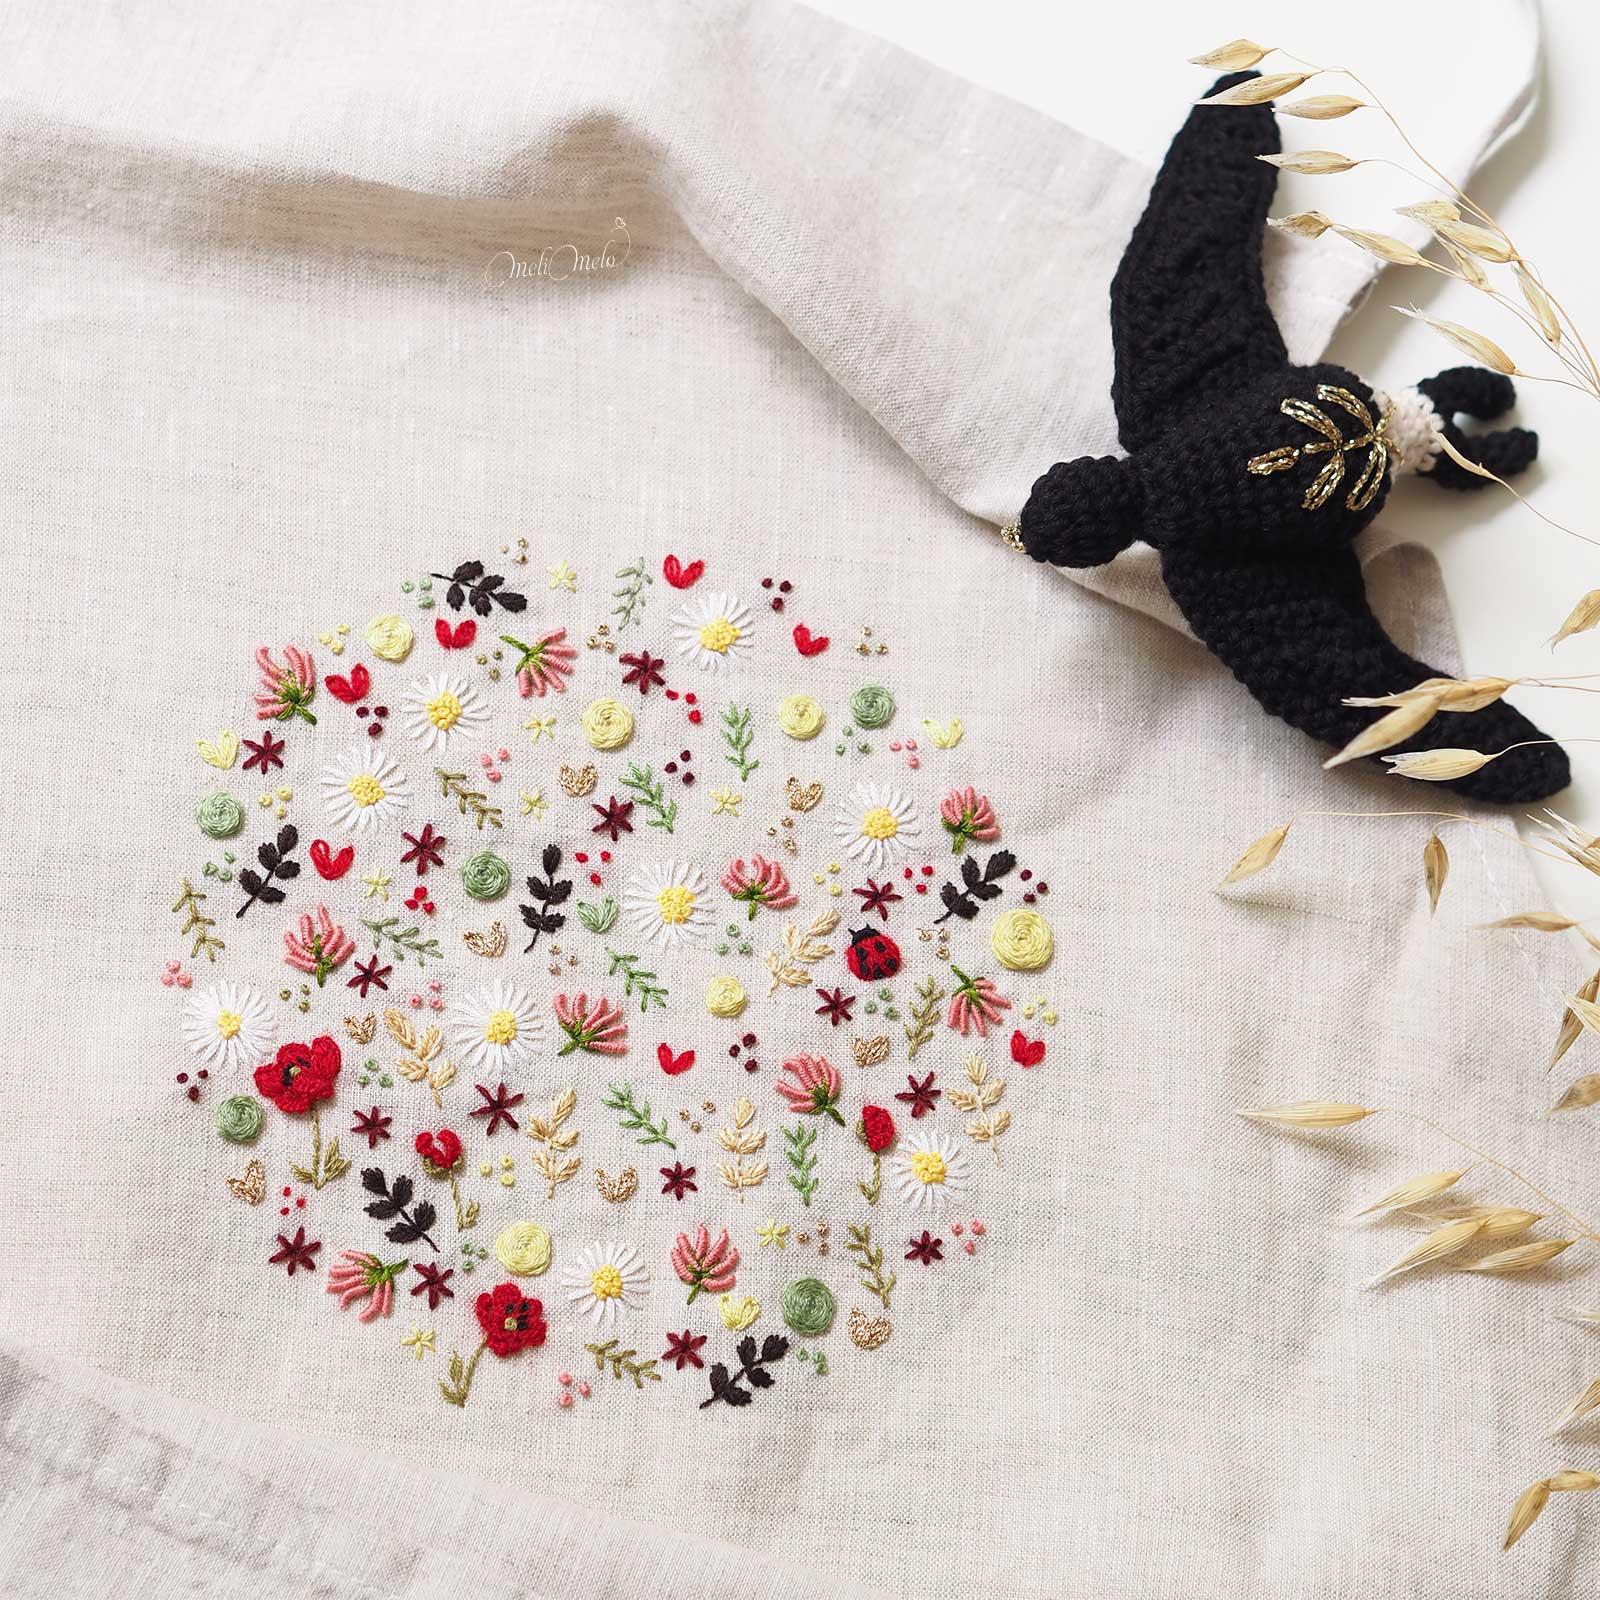 tablier-lin-broderie-fleurs-printemps-hirondelle-laboutiquedemelimelo